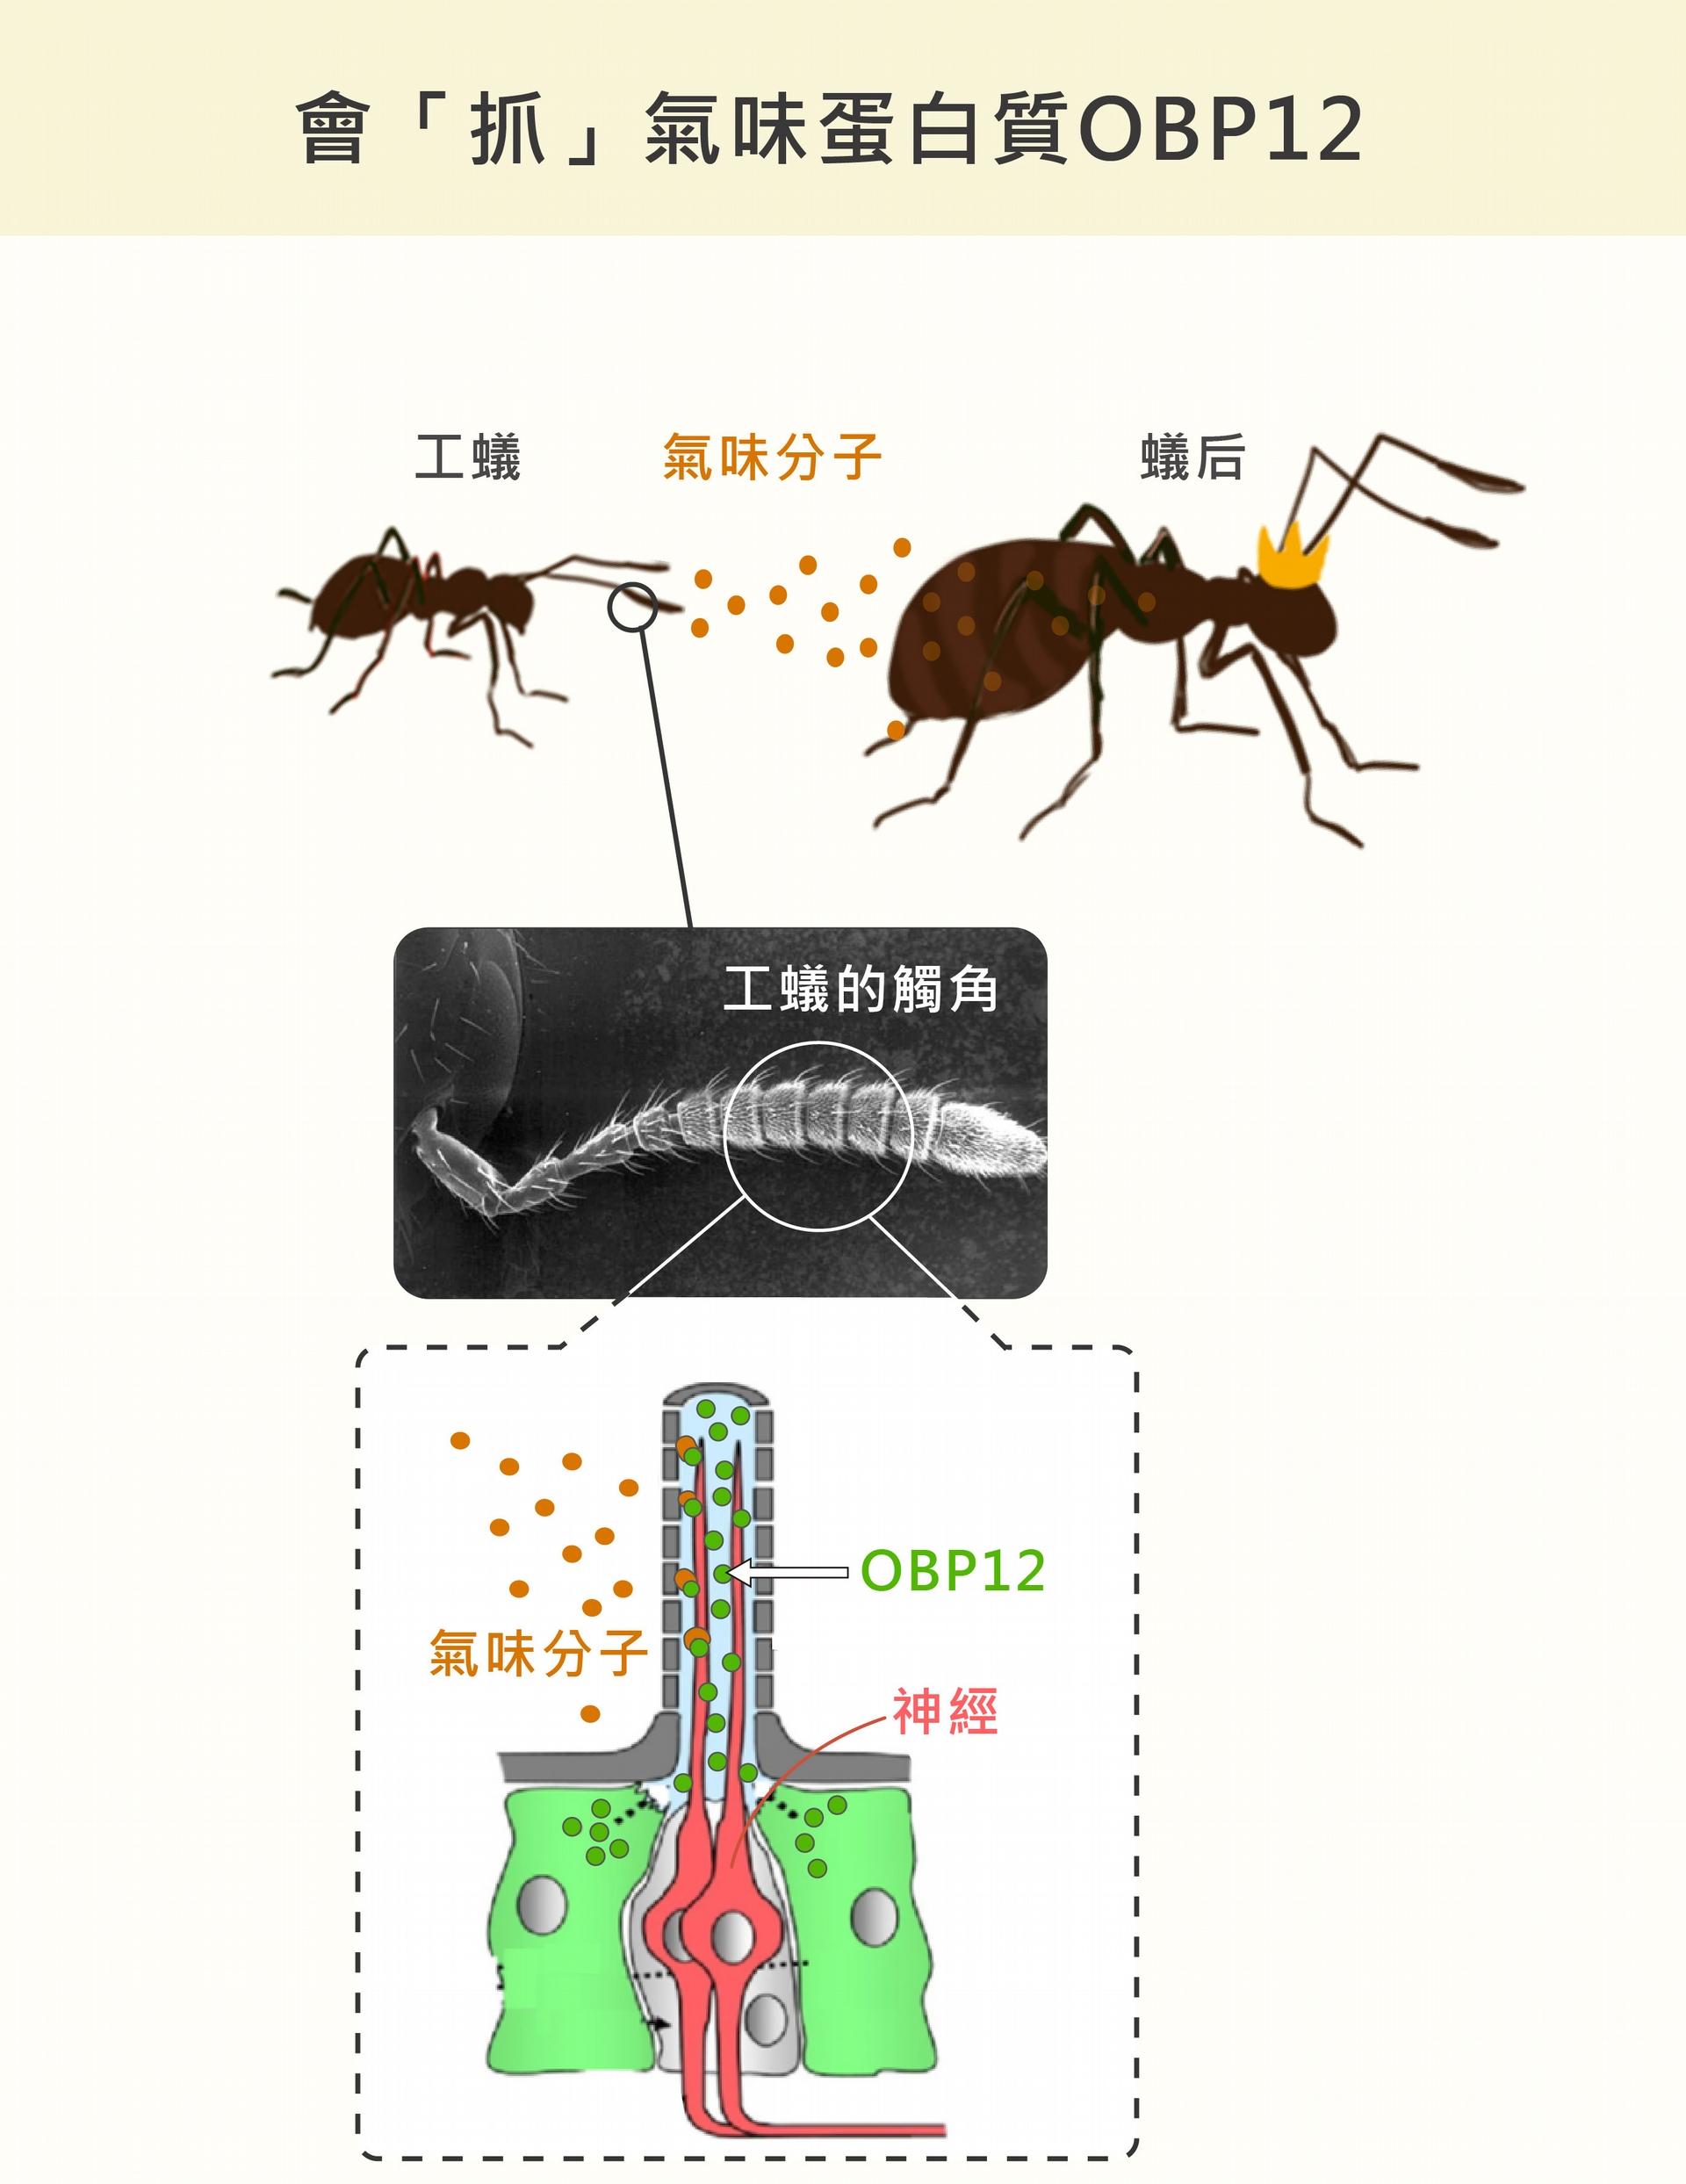 紅火蟻的觸角外面有一層殼,中間的神經表面有受器,可接收外界的氣味分子,形成嗅覺。但是!外殼和神經之間是液體,就像一條河,氣味分子不溶於水,不能自己「渡河」,必須由一種氣味結合蛋白 OBP12 抓住、保護,才能順利「游過」液體、抵達神經的受器。資料來源│王忠信 圖說設計│黃曉君、林洵安